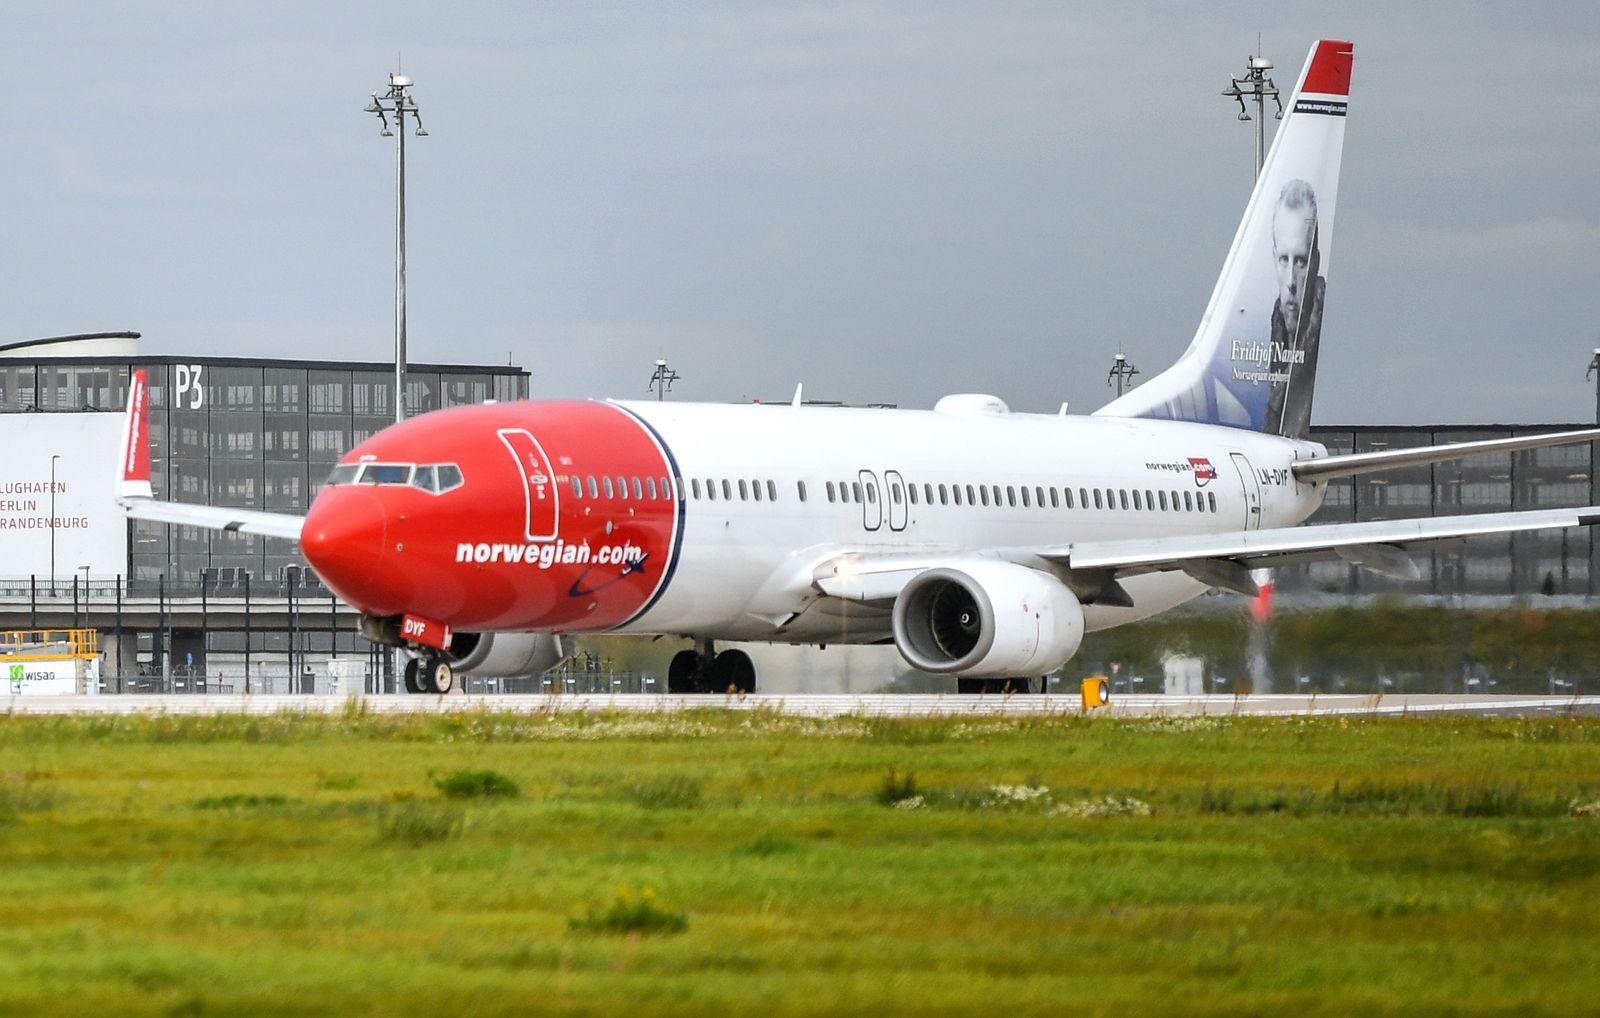 Fluggesellschaft Norwegian